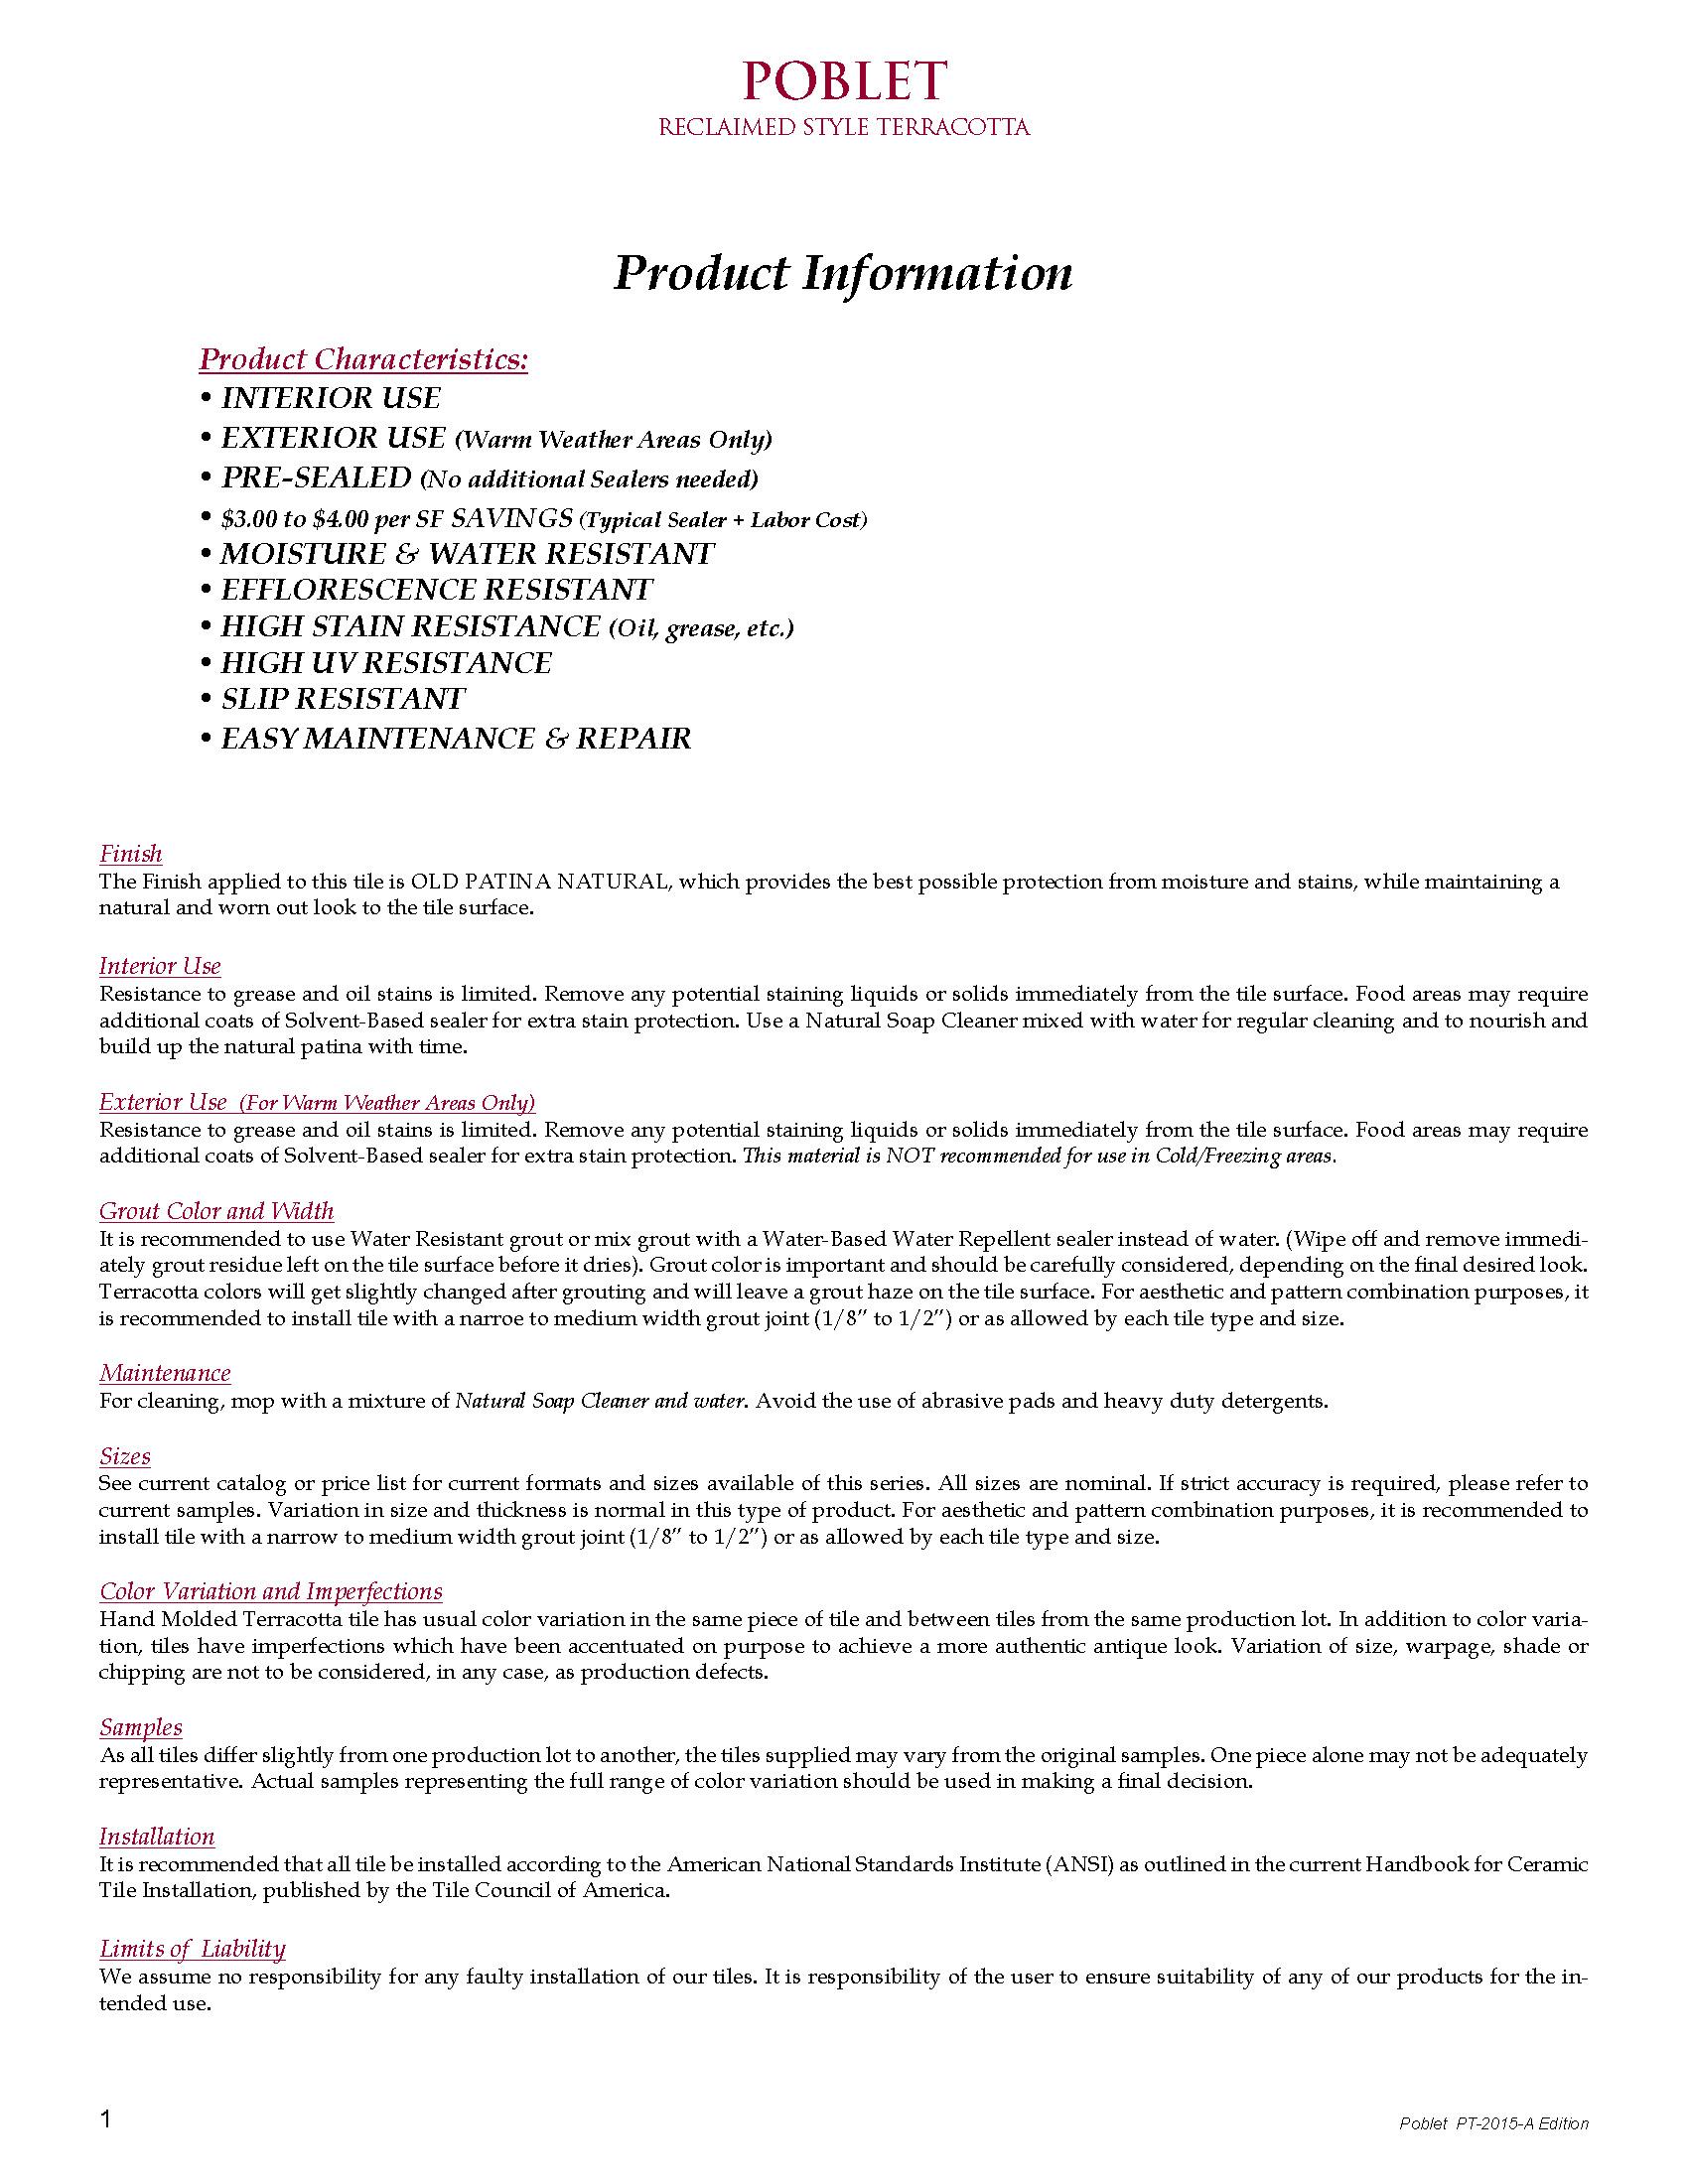 3-Poblet-ProductInfo-2015-A.jpg